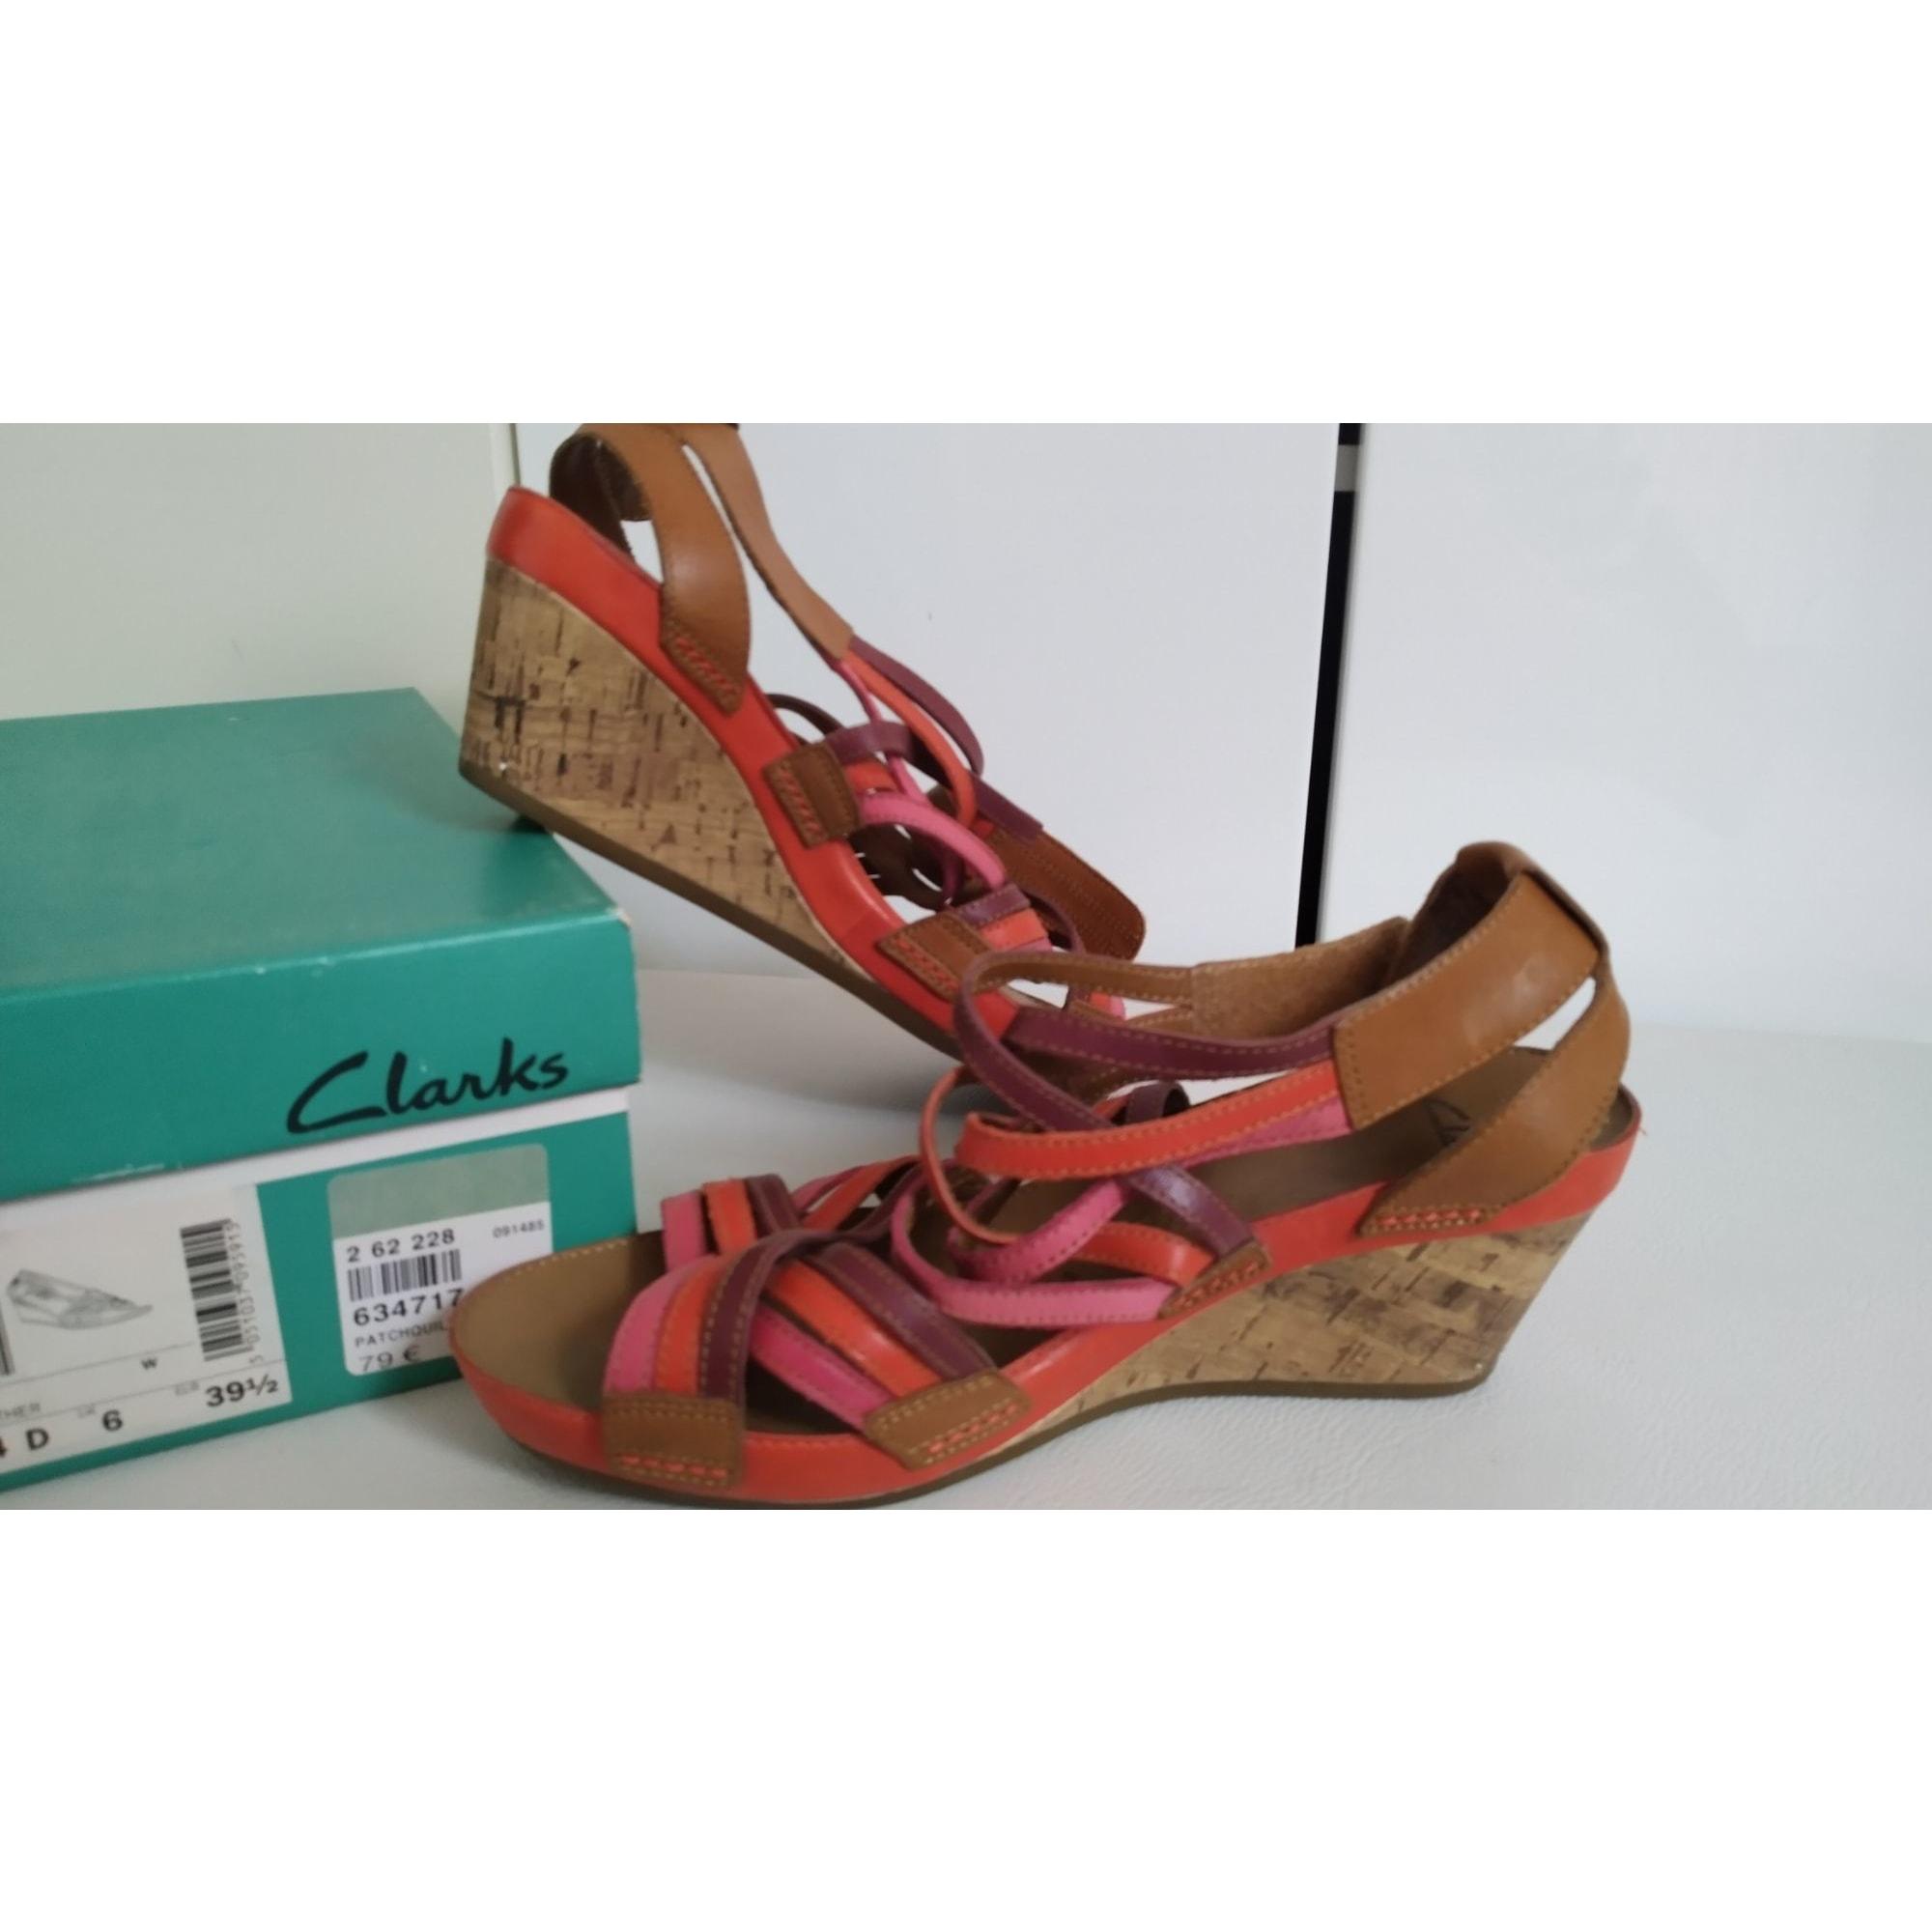 Sandales compensées CLARKS Rose, fuschia, vieux rose